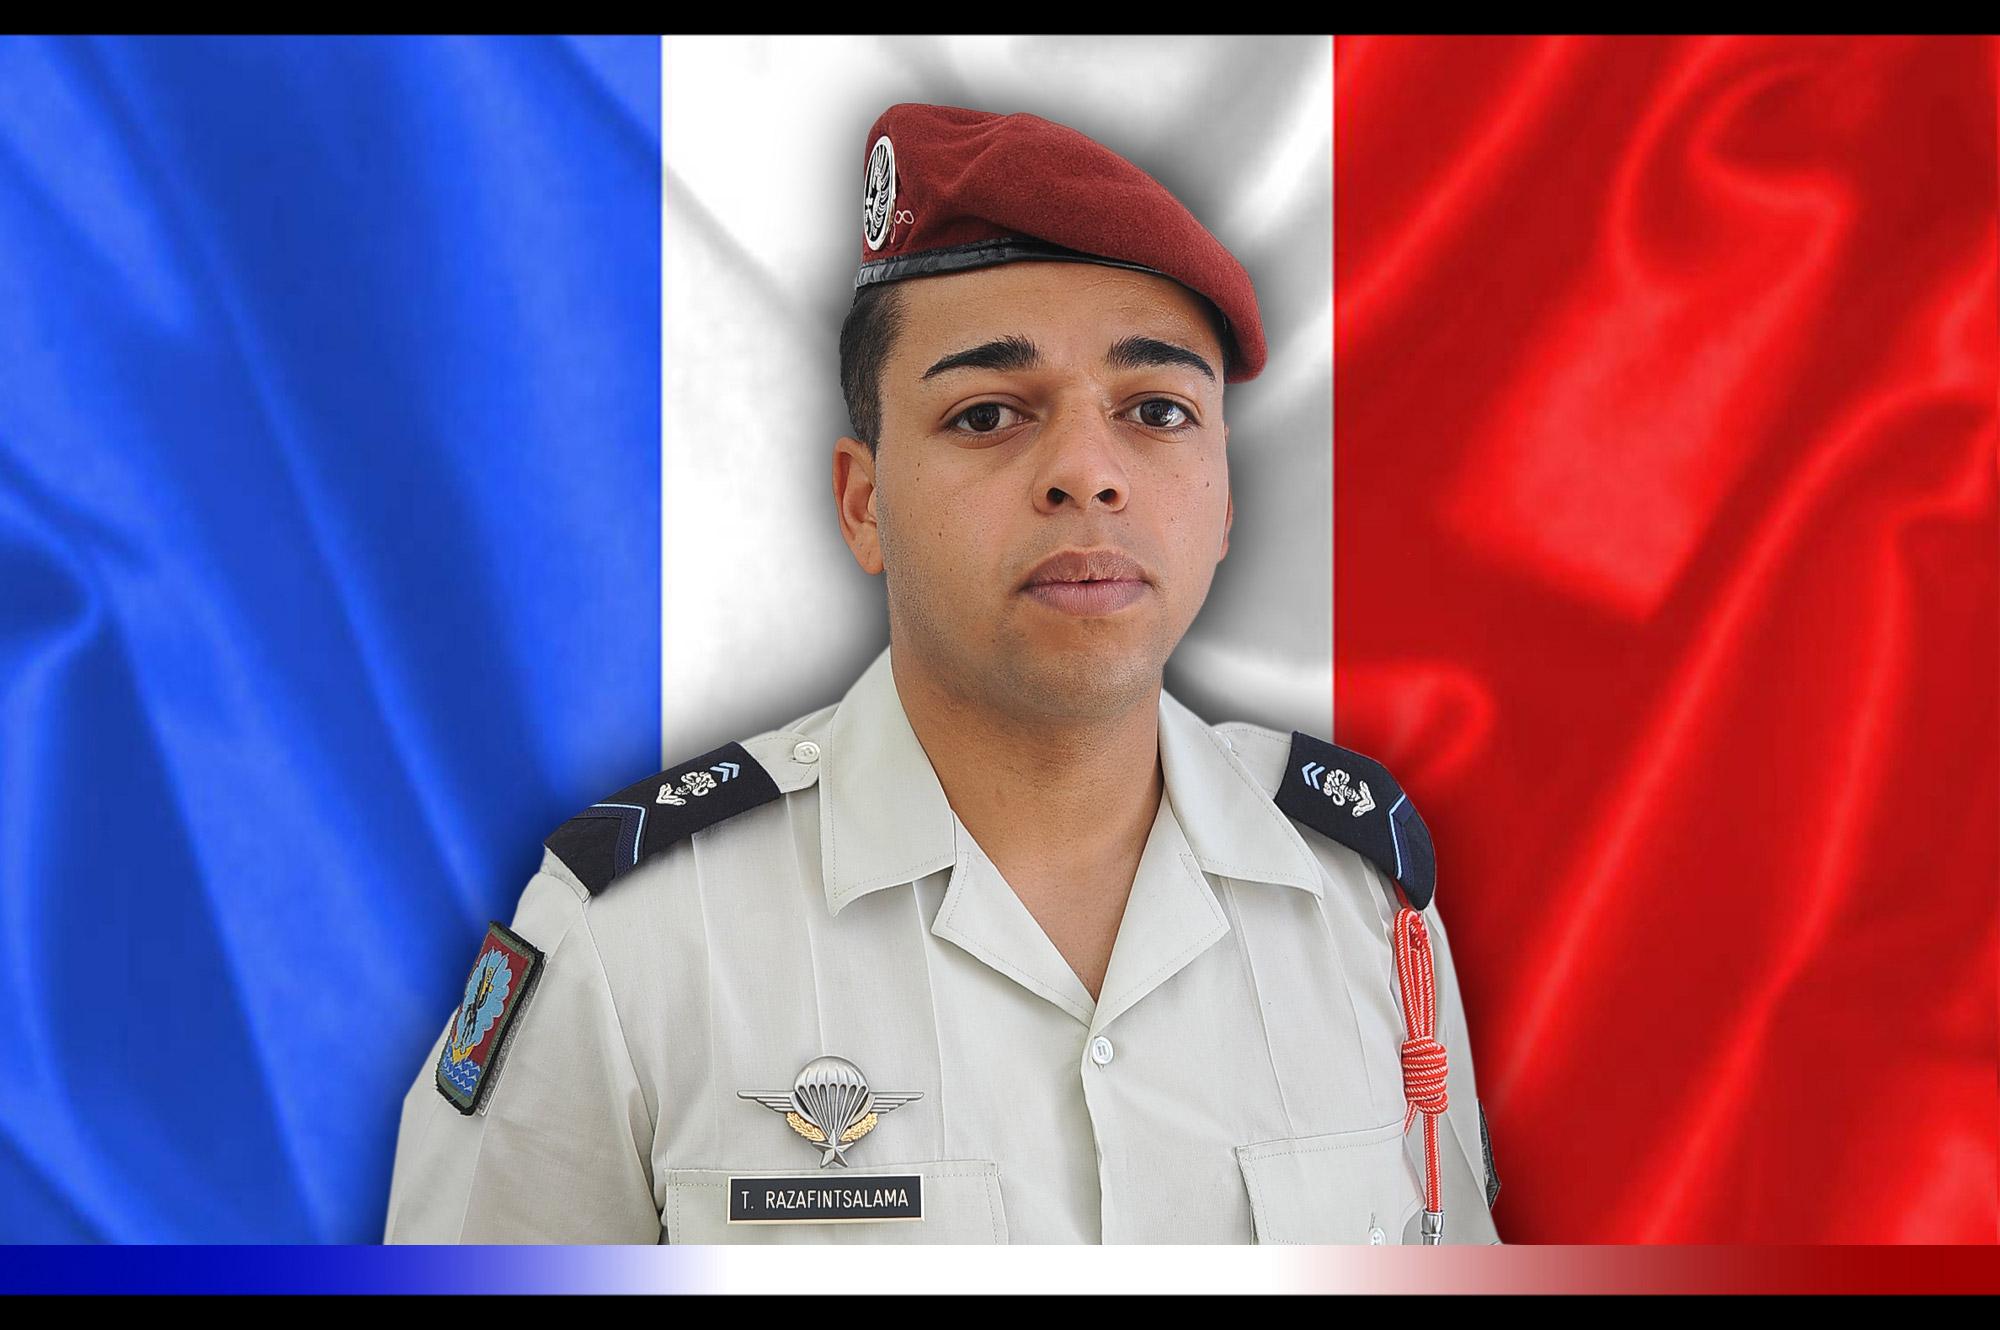 Un jeune hussard parachutiste tué au combat © Ministère des Armées